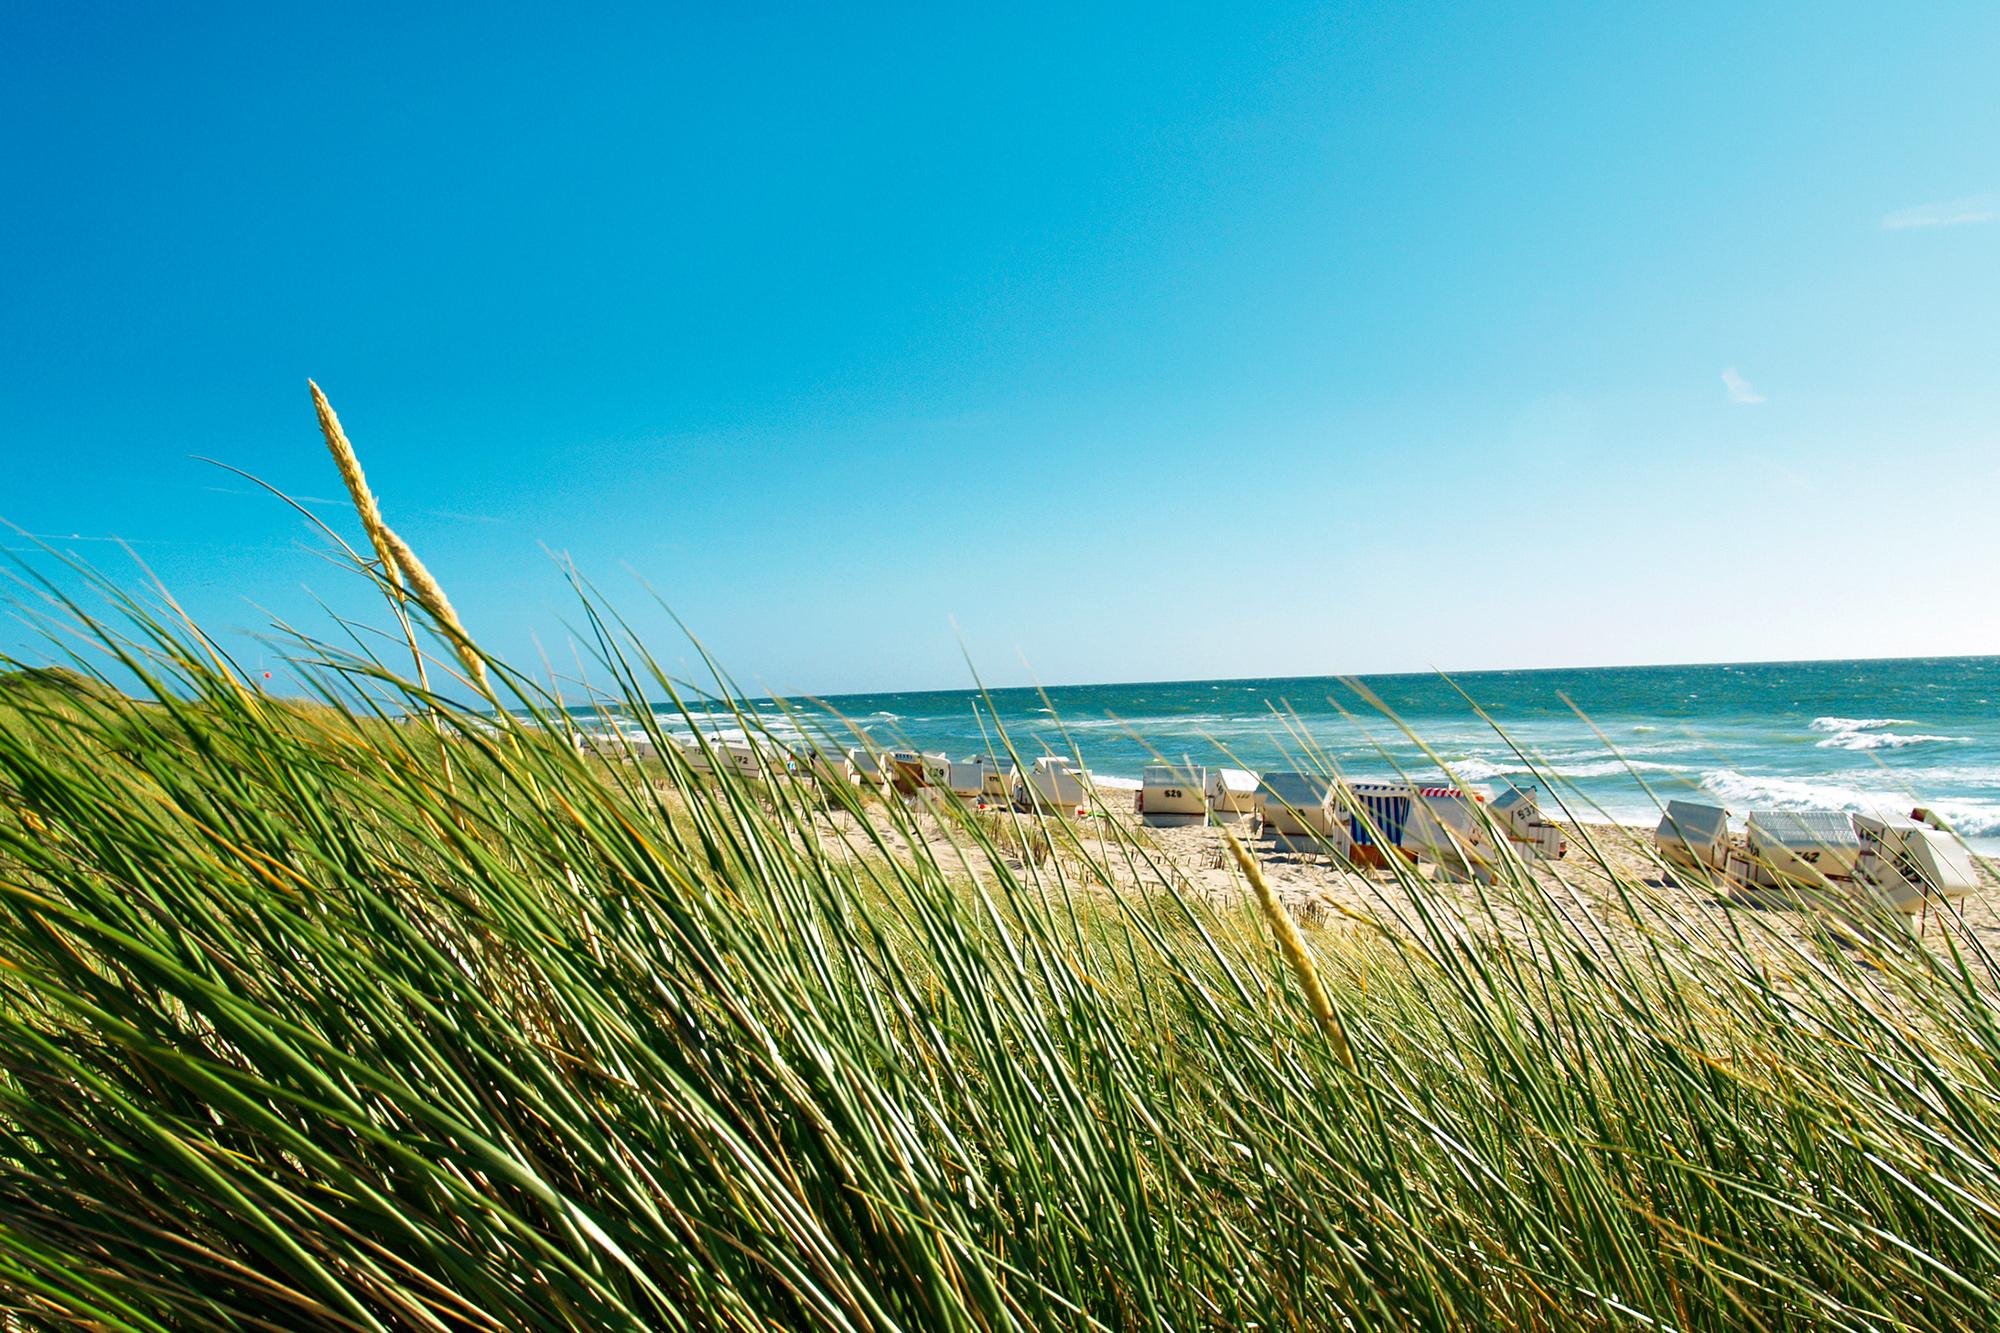 Wochenendurlaub g nstige wochenendreisen buchen auf for Gunstige hotels nordsee